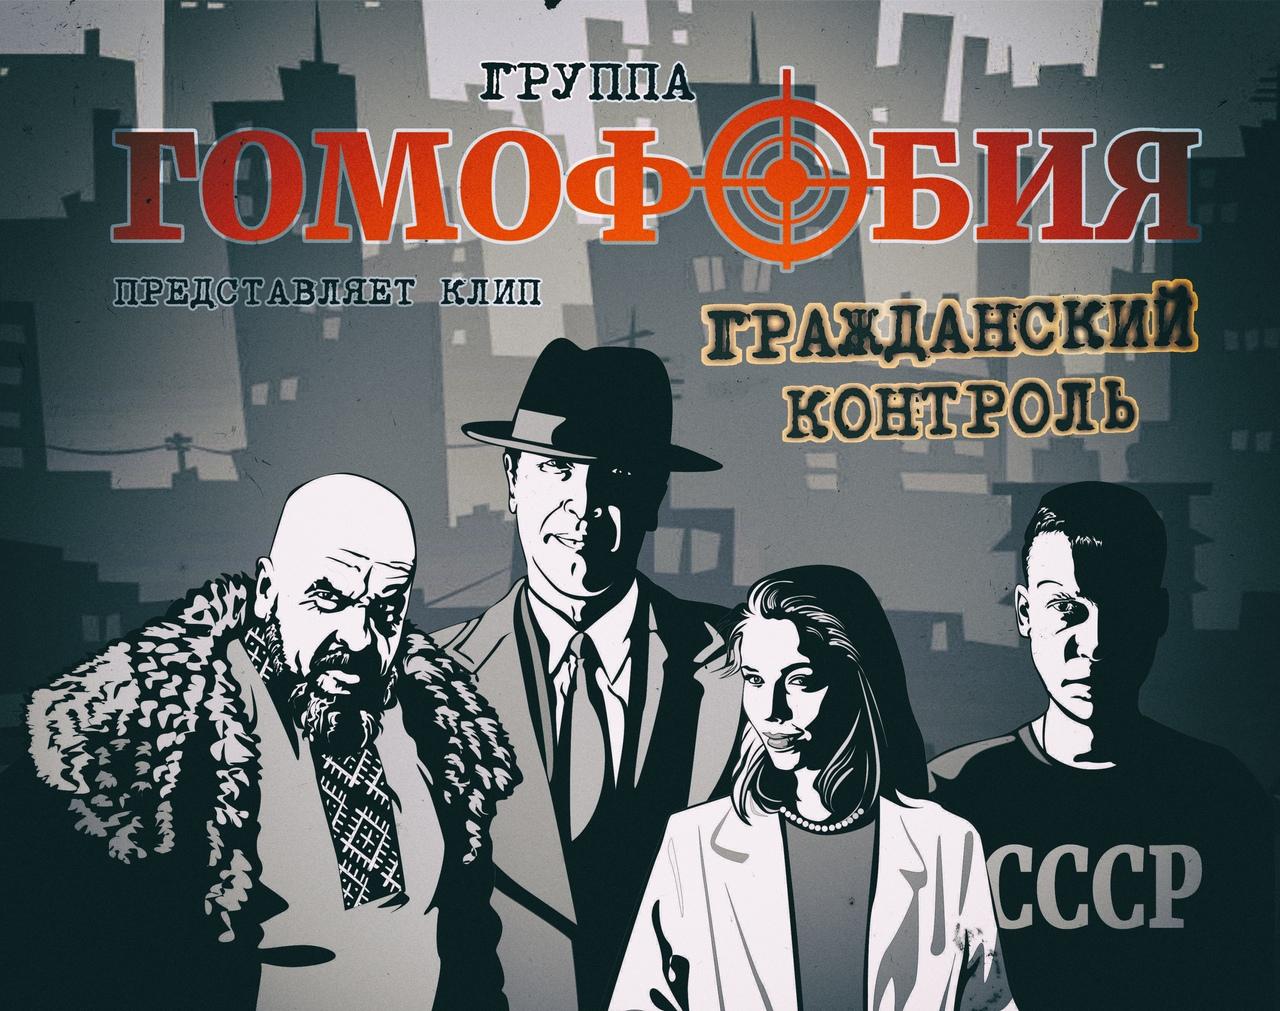 Группа «Гомофобия» задолго до премьеры клипа публиковала тизеры и постеры